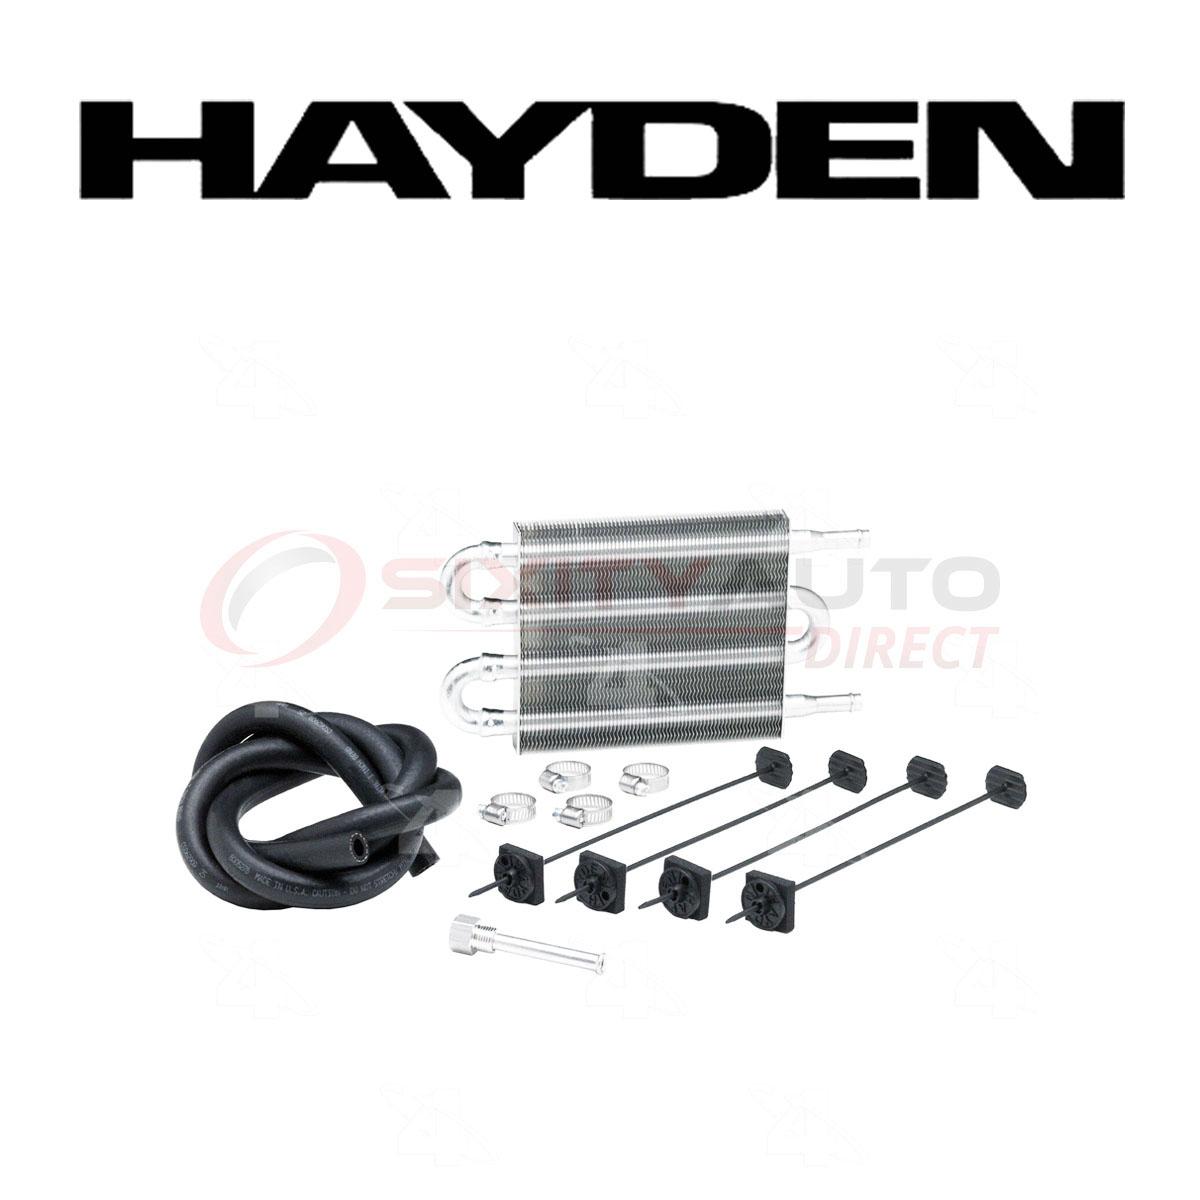 Hayden Power Steering Oil Cooler For American